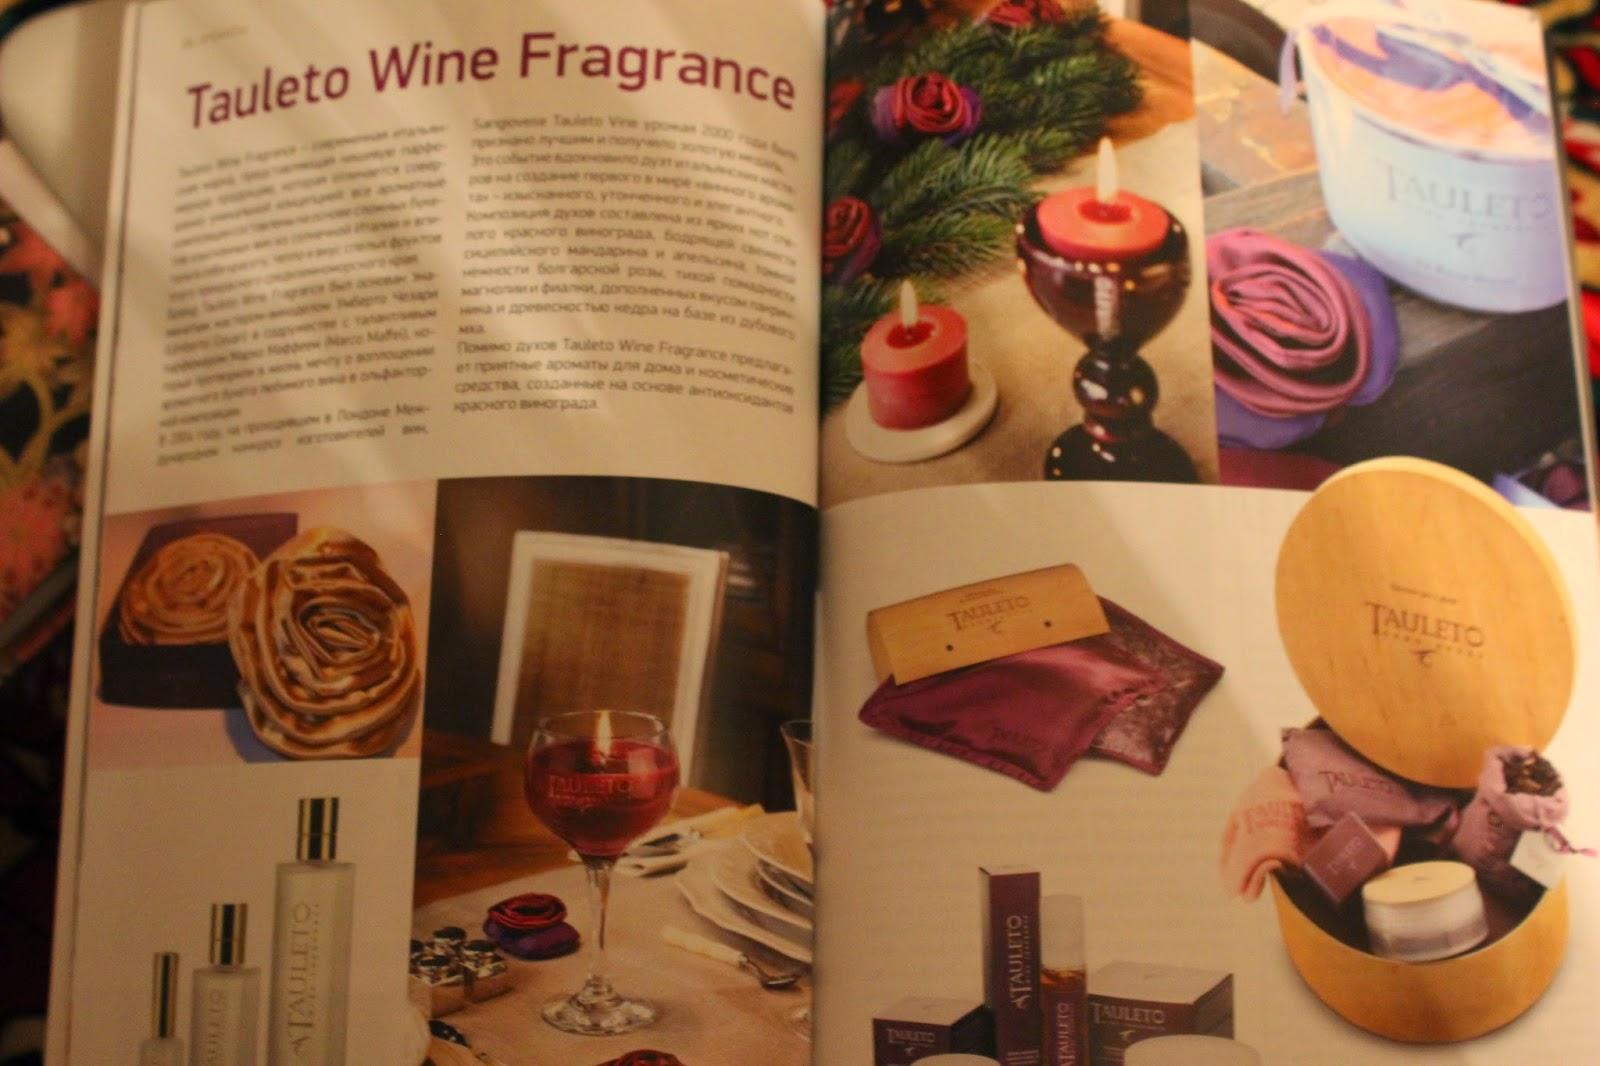 Рекламный журнал о парфюмерии в SMELL ME-боксе